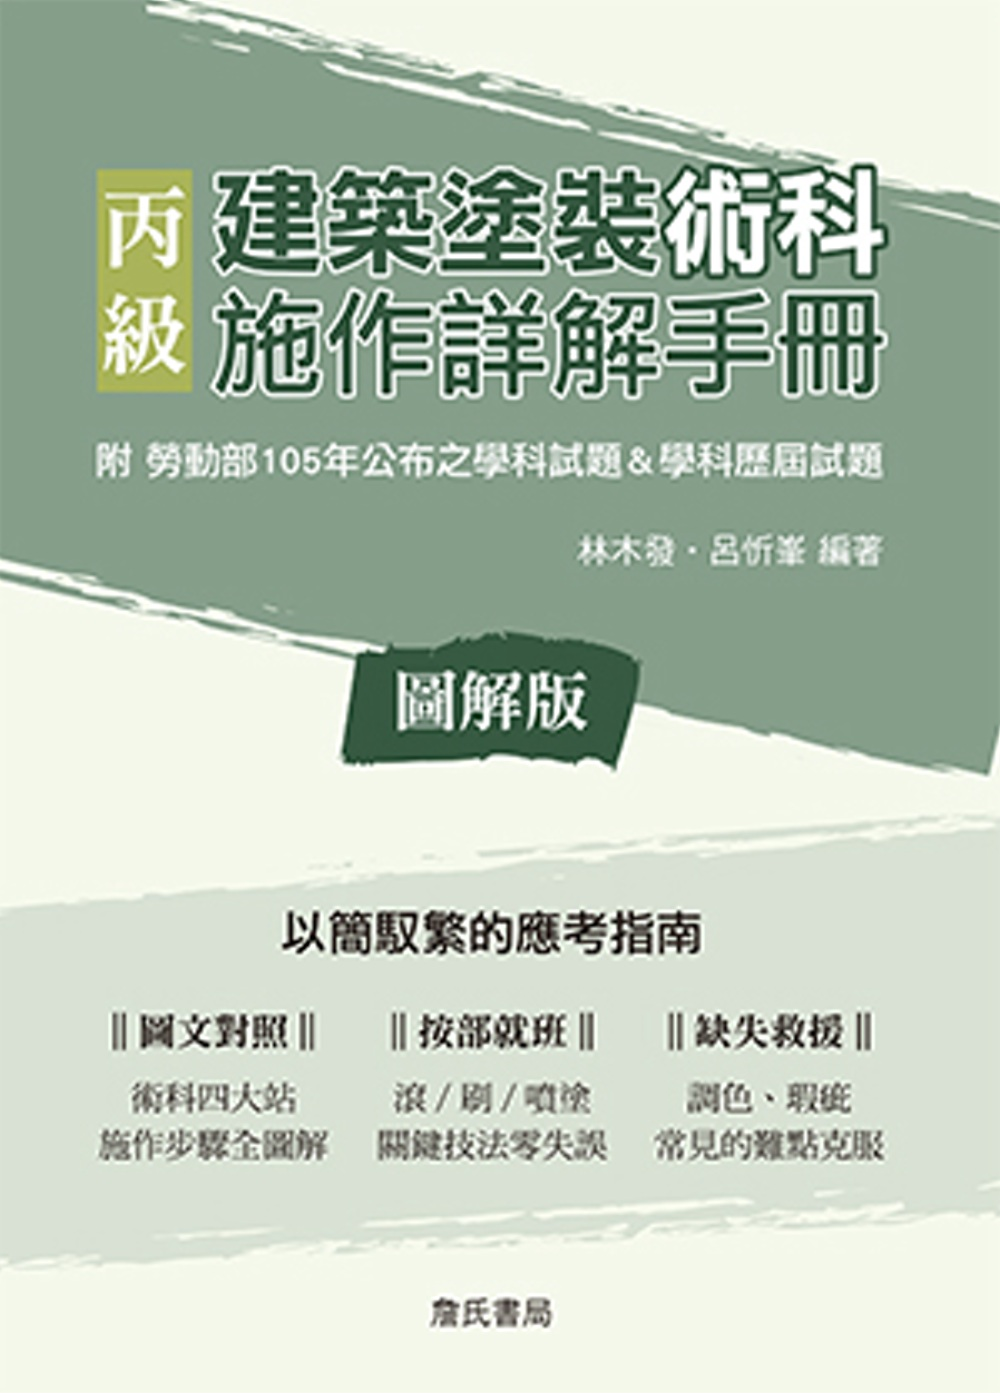 丙級建築塗裝術科施作詳解手冊(含學科歷屆試題及測試參考資料)